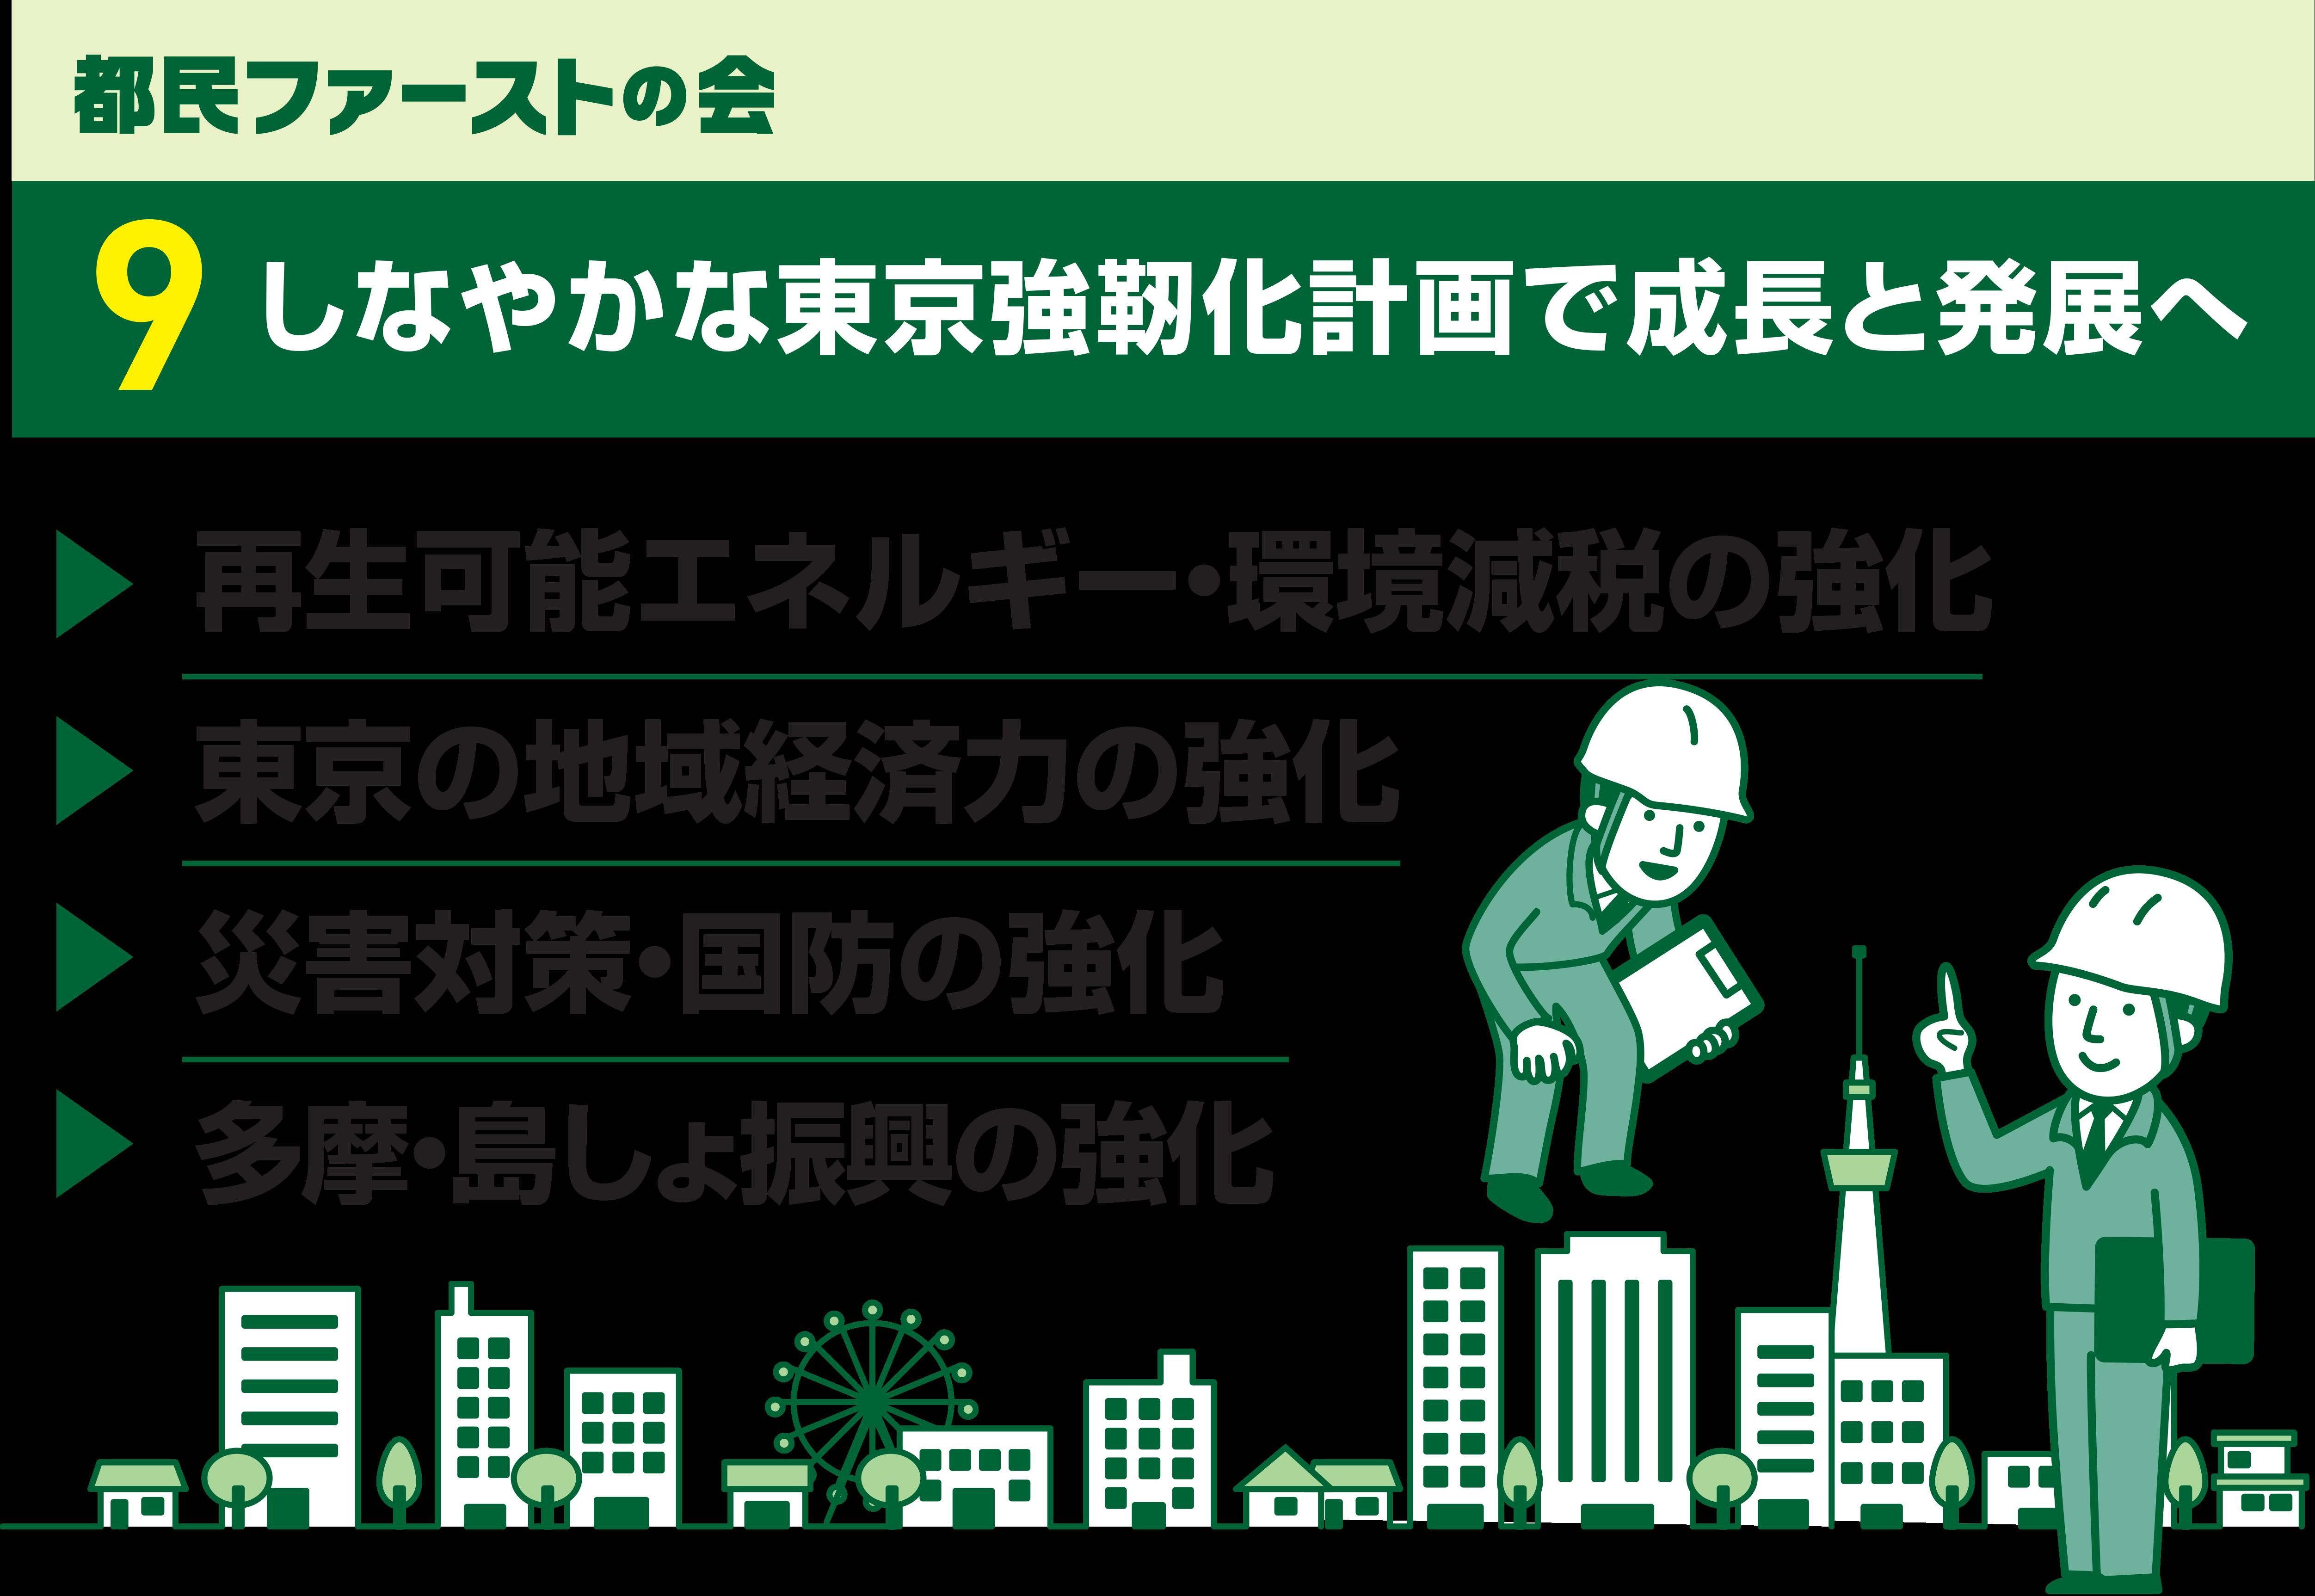 しなやかな東京強靭化計画で成長と発展へ